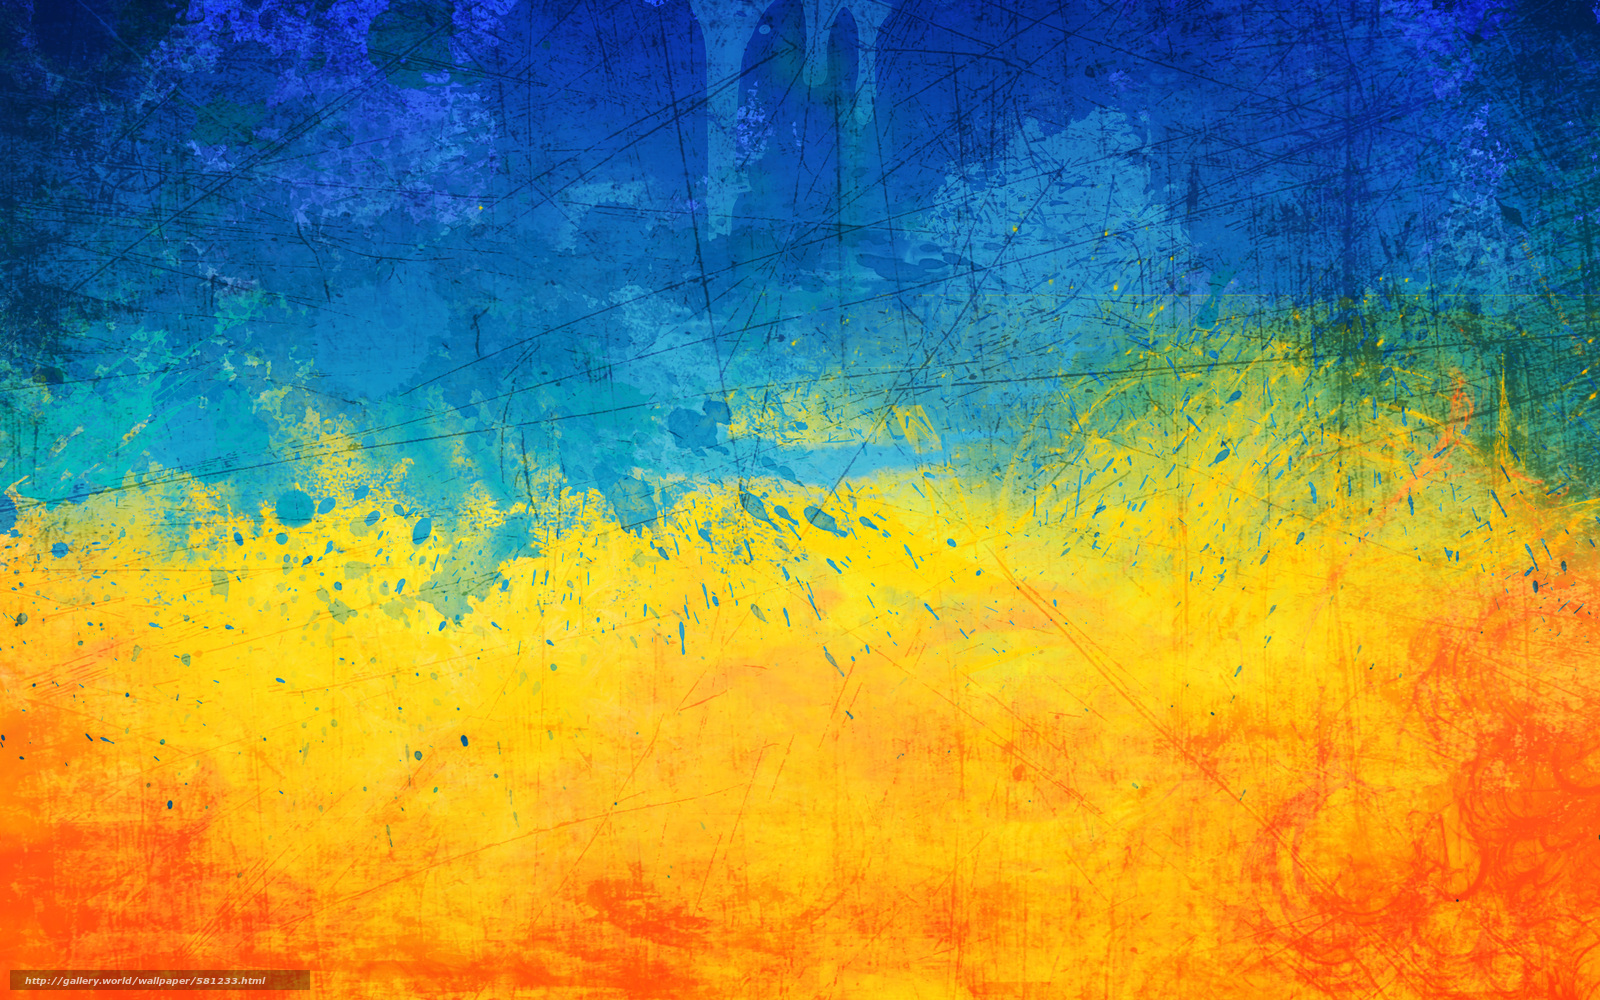 Скачать обои Голубой, Желтый, Флаг Украины, Украина ...: http://ru.gde-fon.com/download/goluboy_jeltyiy_flag-ukrainyi_ukraina/581233/4000x2500